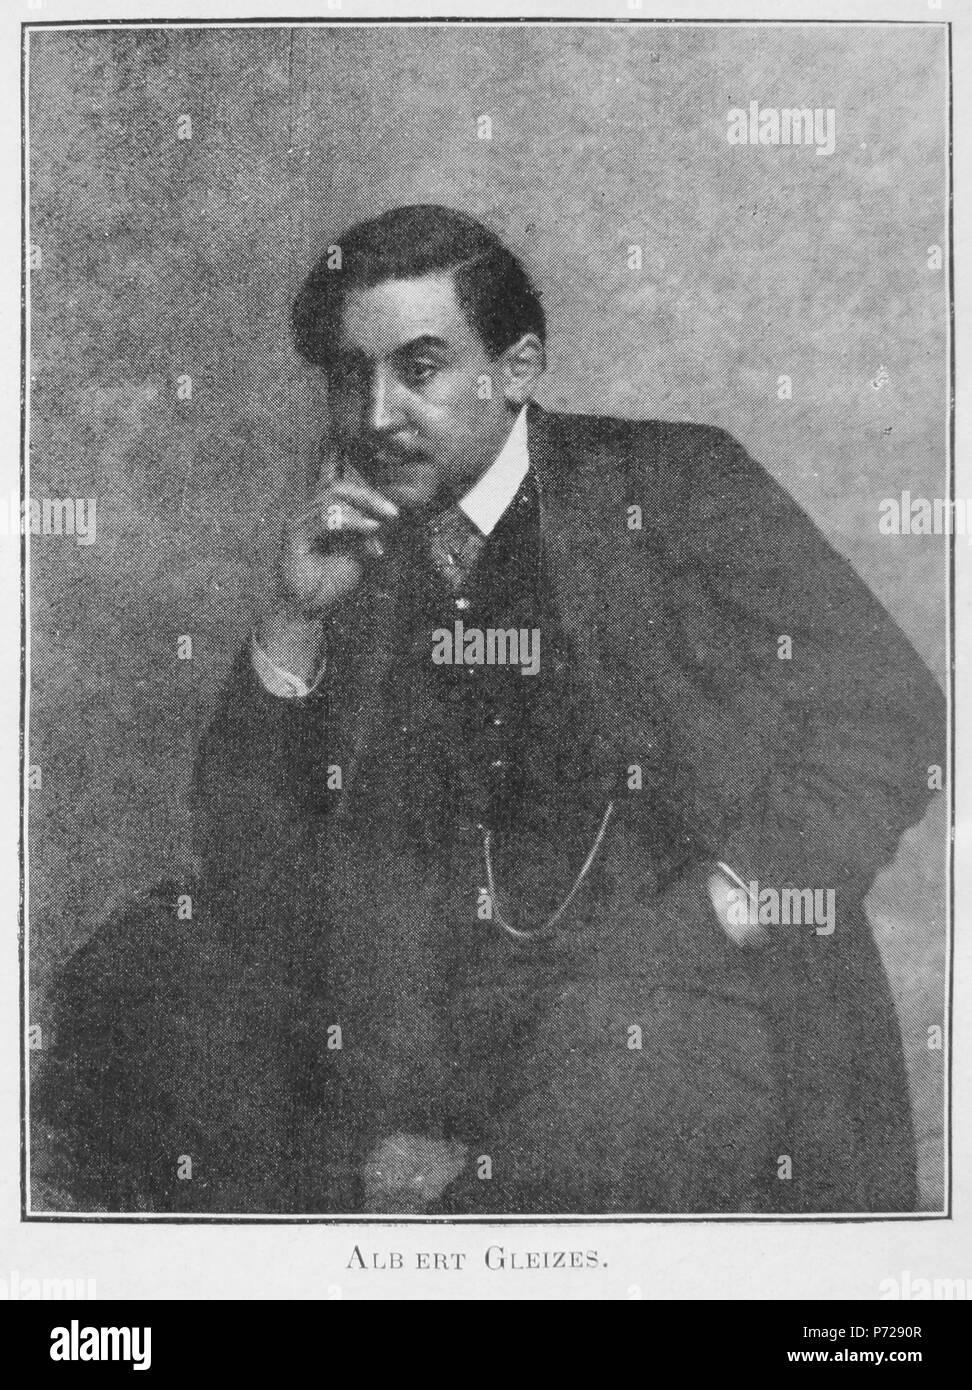 Albert Gleizes, portrait photograph, published in Les Peintres Cubistes, 1913 . 1913 publication 6 Albert Gleizes, portrait photograph, published in Les Peintres Cubistes, 1913 - Stock Image